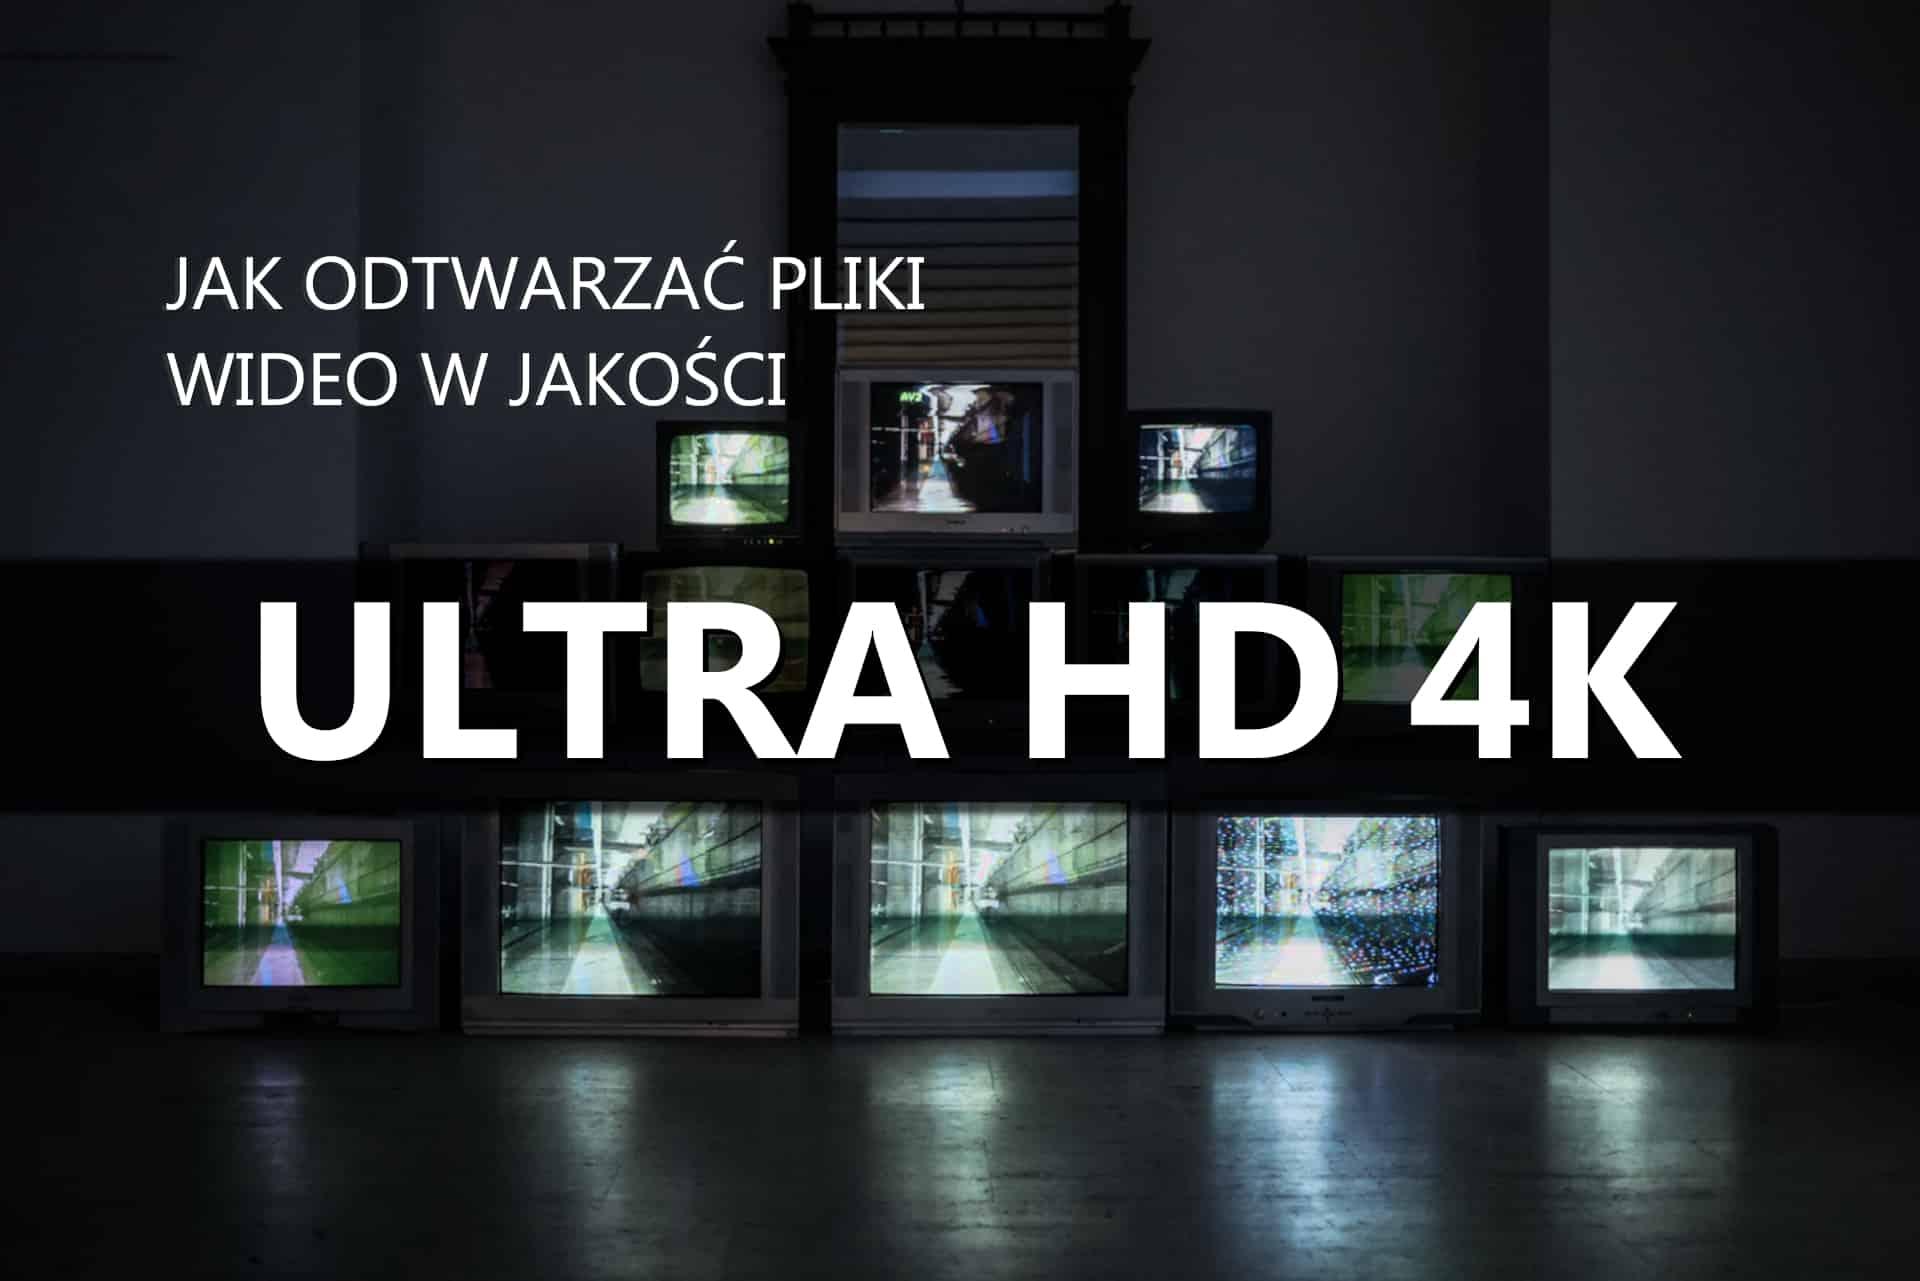 Jak odtwarzać pliki wideo w jakości Ultra HD 4K?